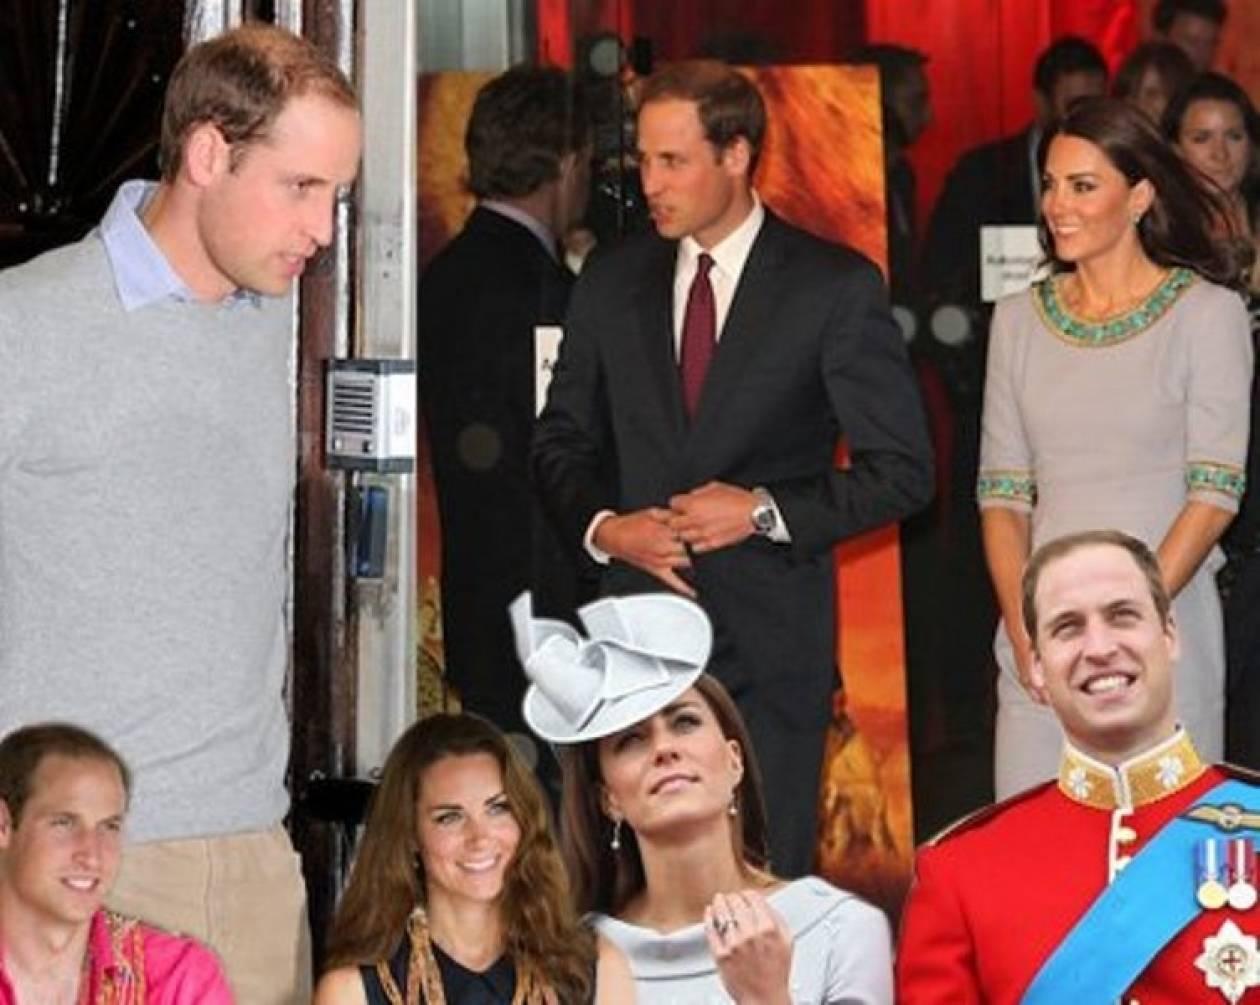 Είναι ο πρίγκιπας William ο πιο γλυκός γαλαζοαίματος στον κόσμο;